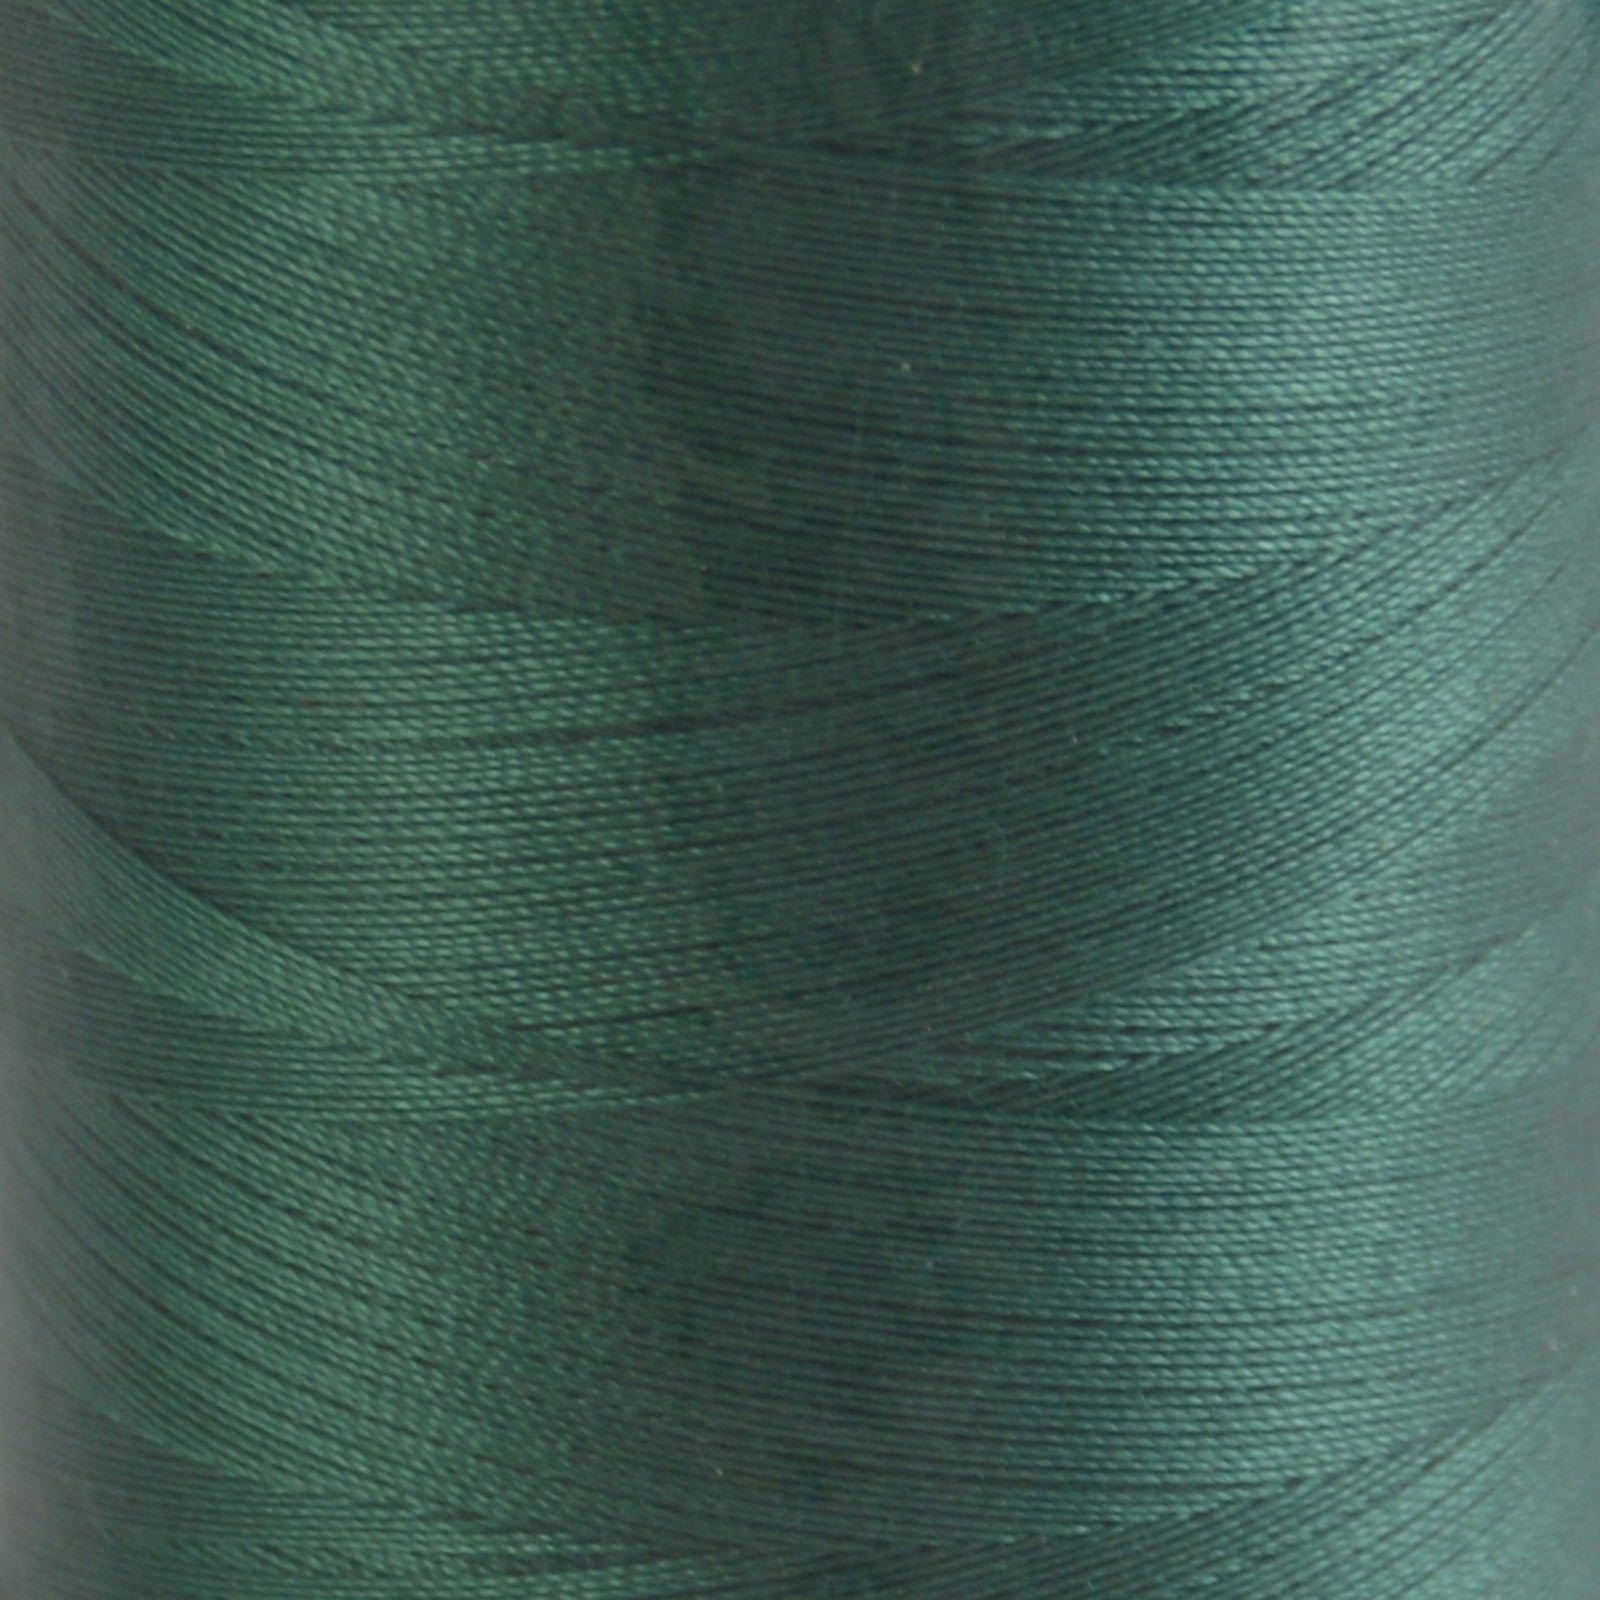 # 4129 Turf Green